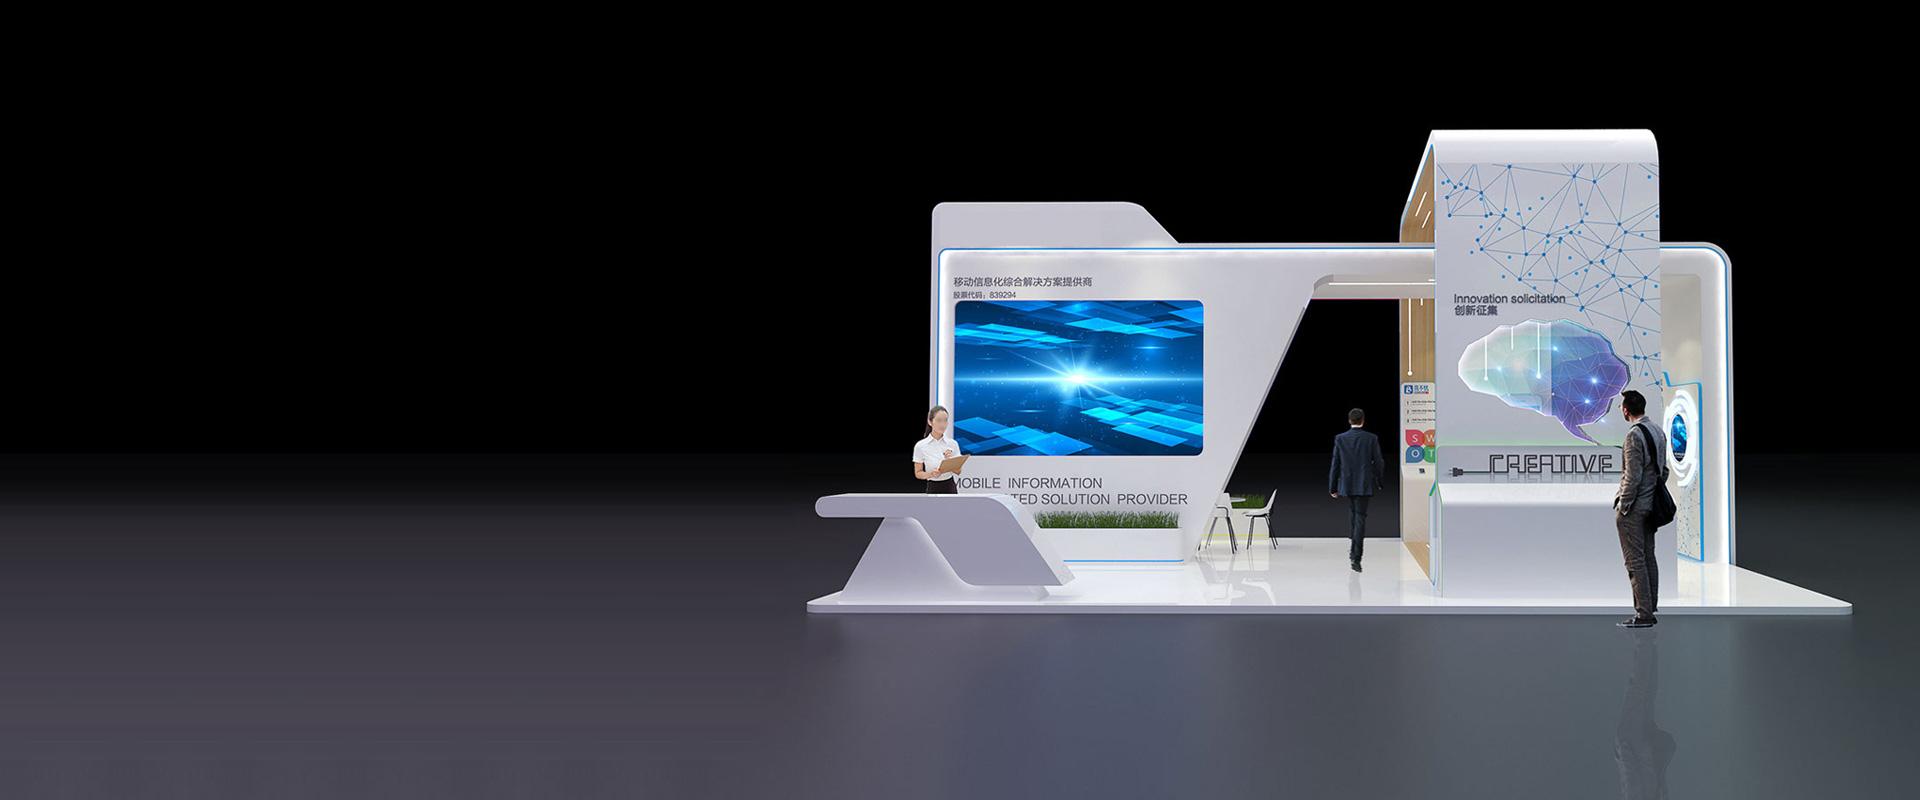 南康家具品牌企业展厅(xy0797.com.cn)